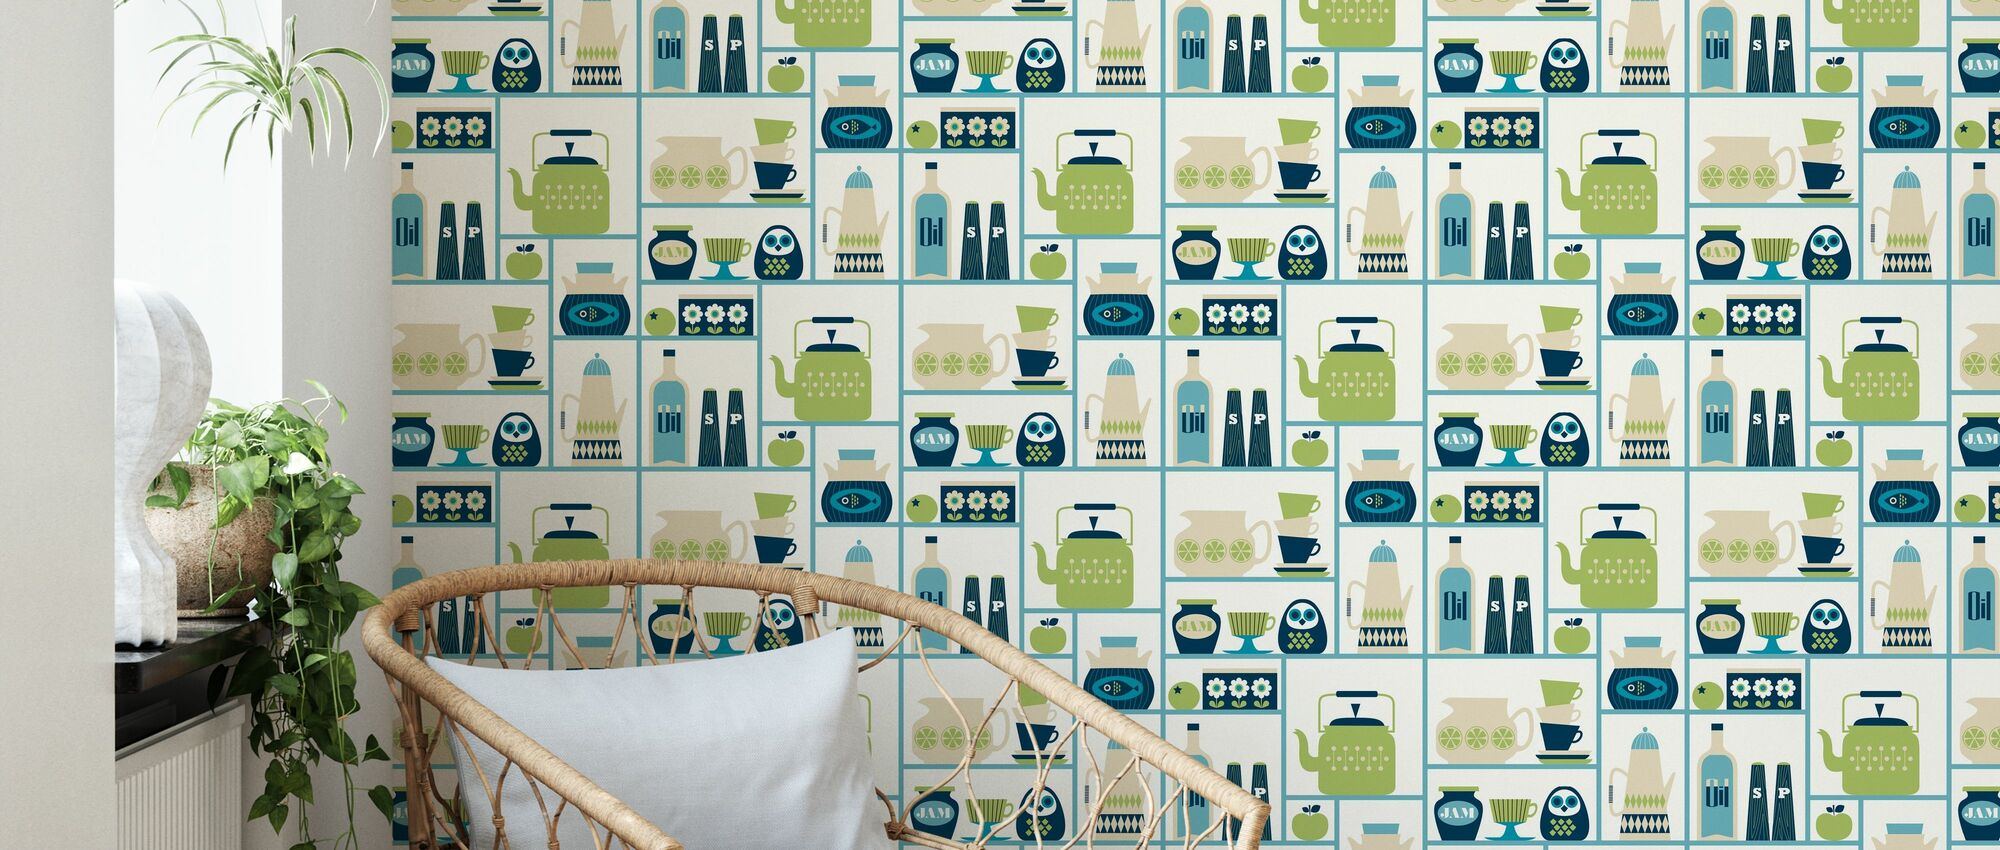 Kitchen Shelves - Light Green - Wallpaper - Living Room